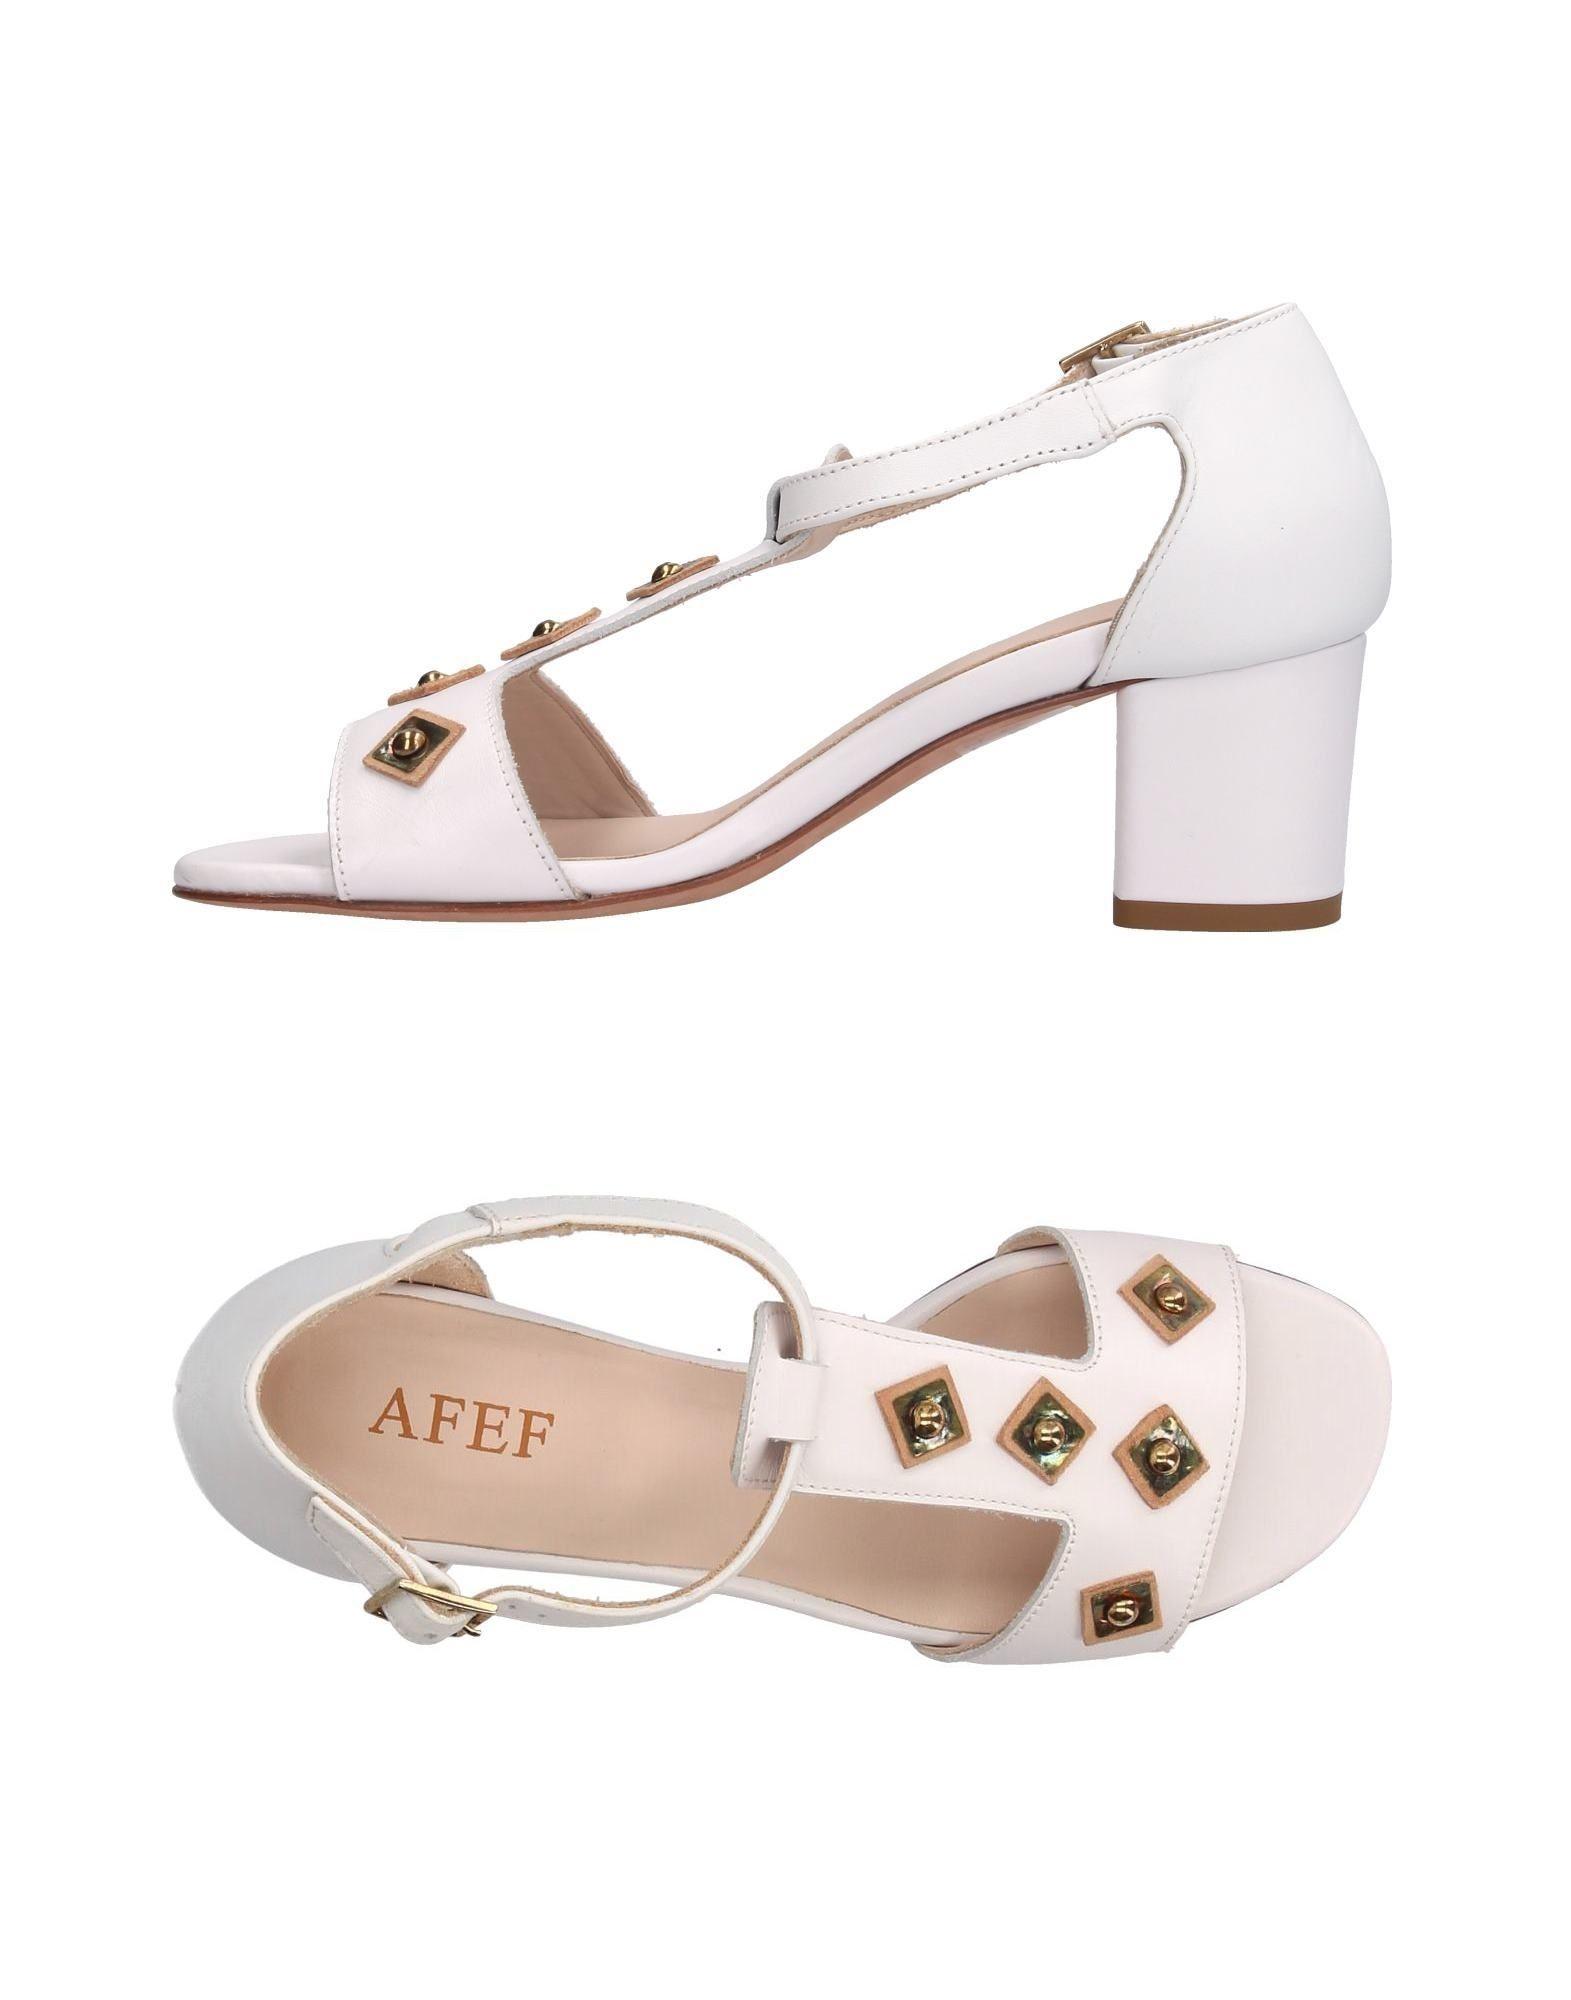 Sandales Afef Femme - Sandales Afef sur